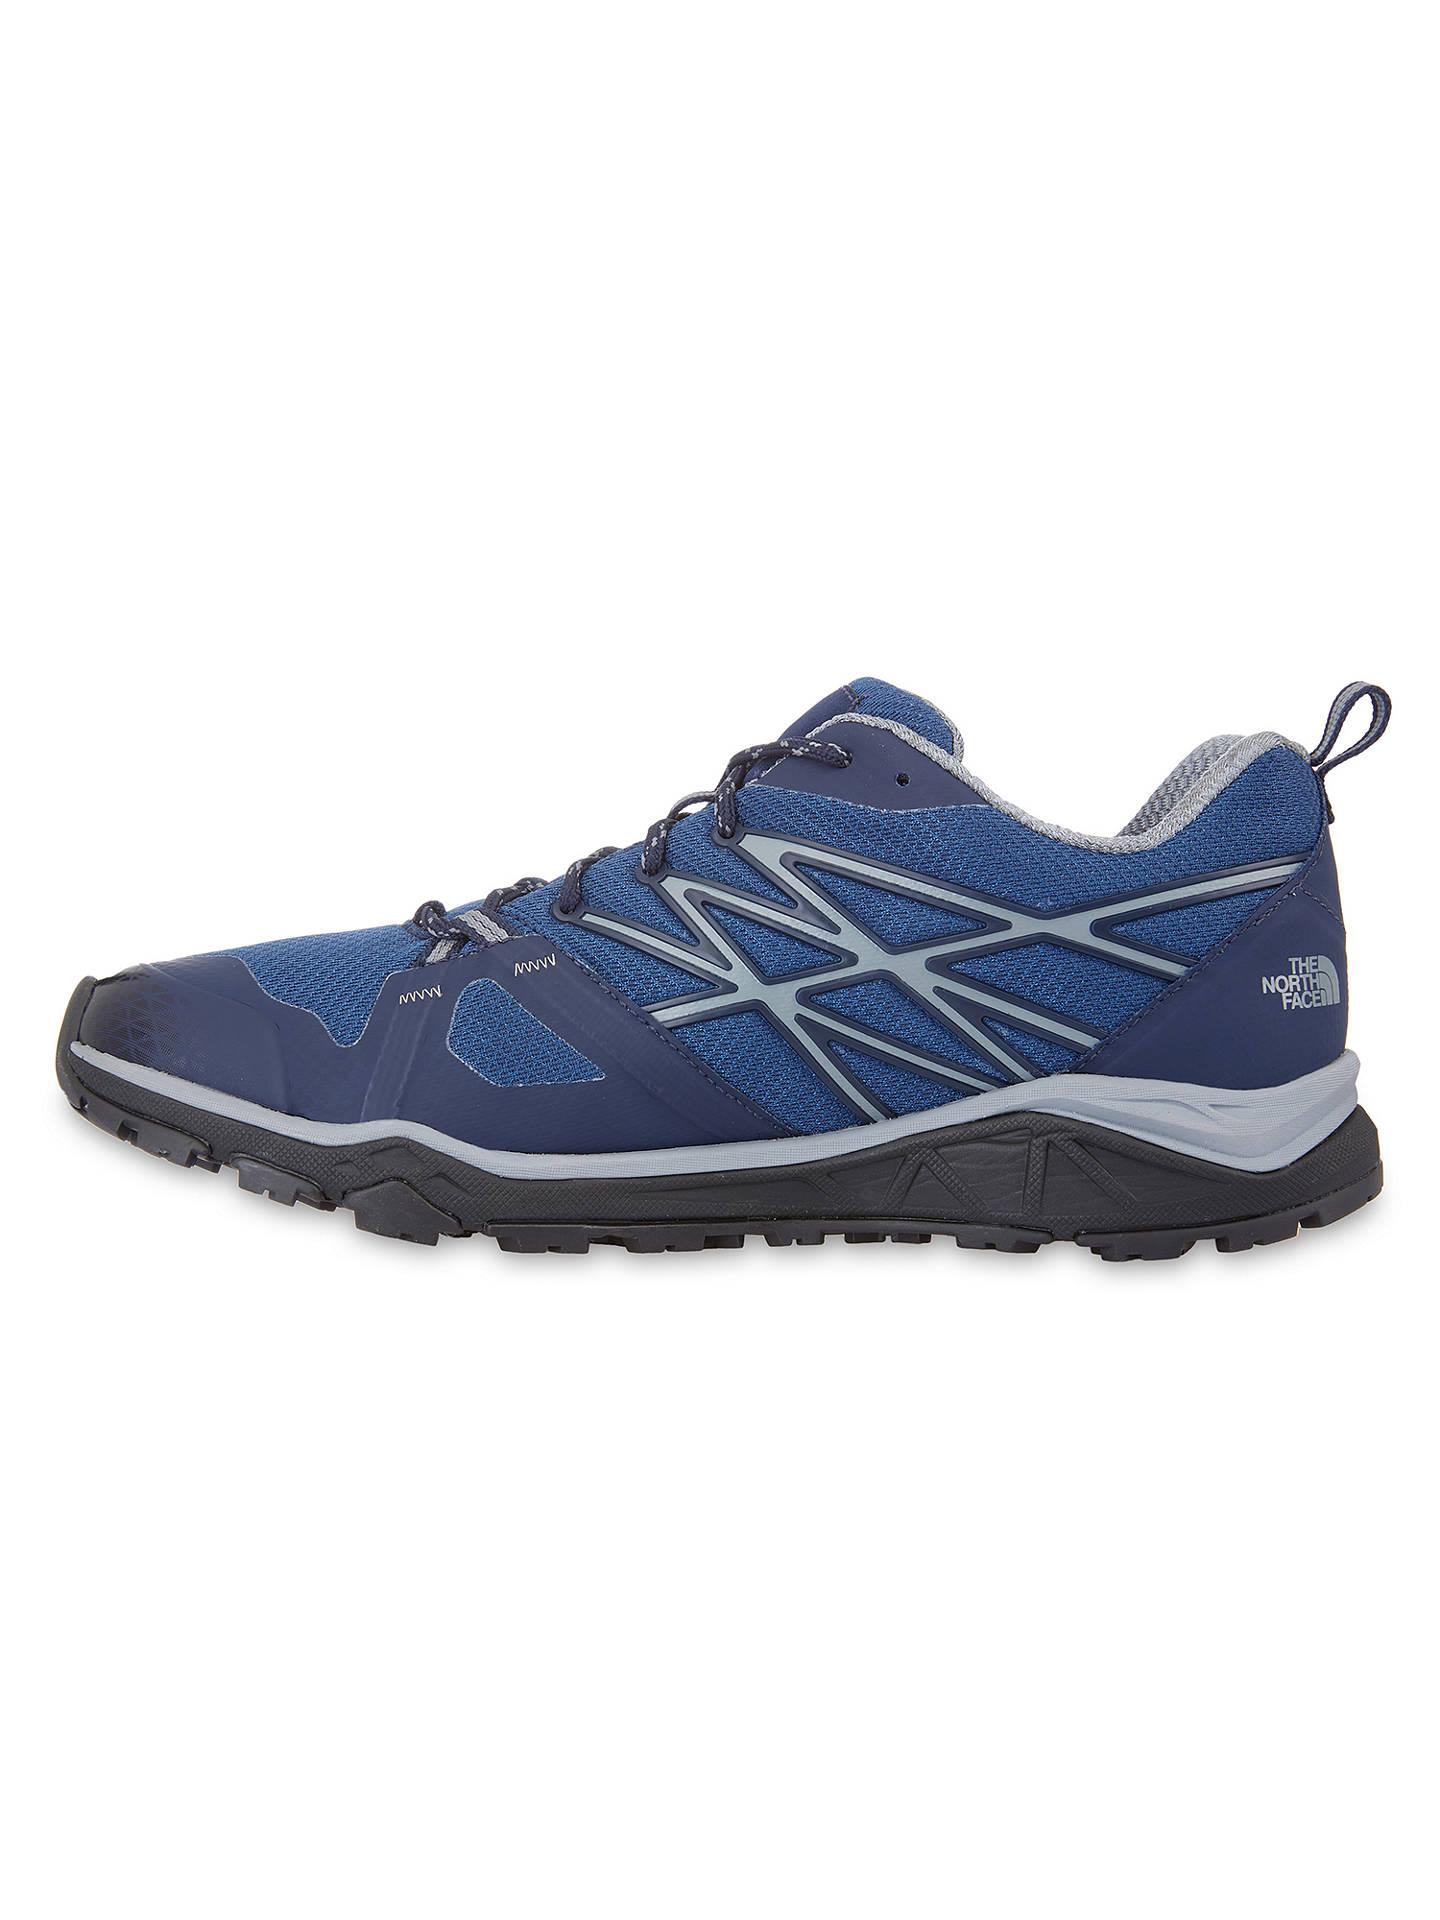 410882670ed4 ... Buy The North Face Hedgehog Fastpack Lite Men s Hiking Shoes